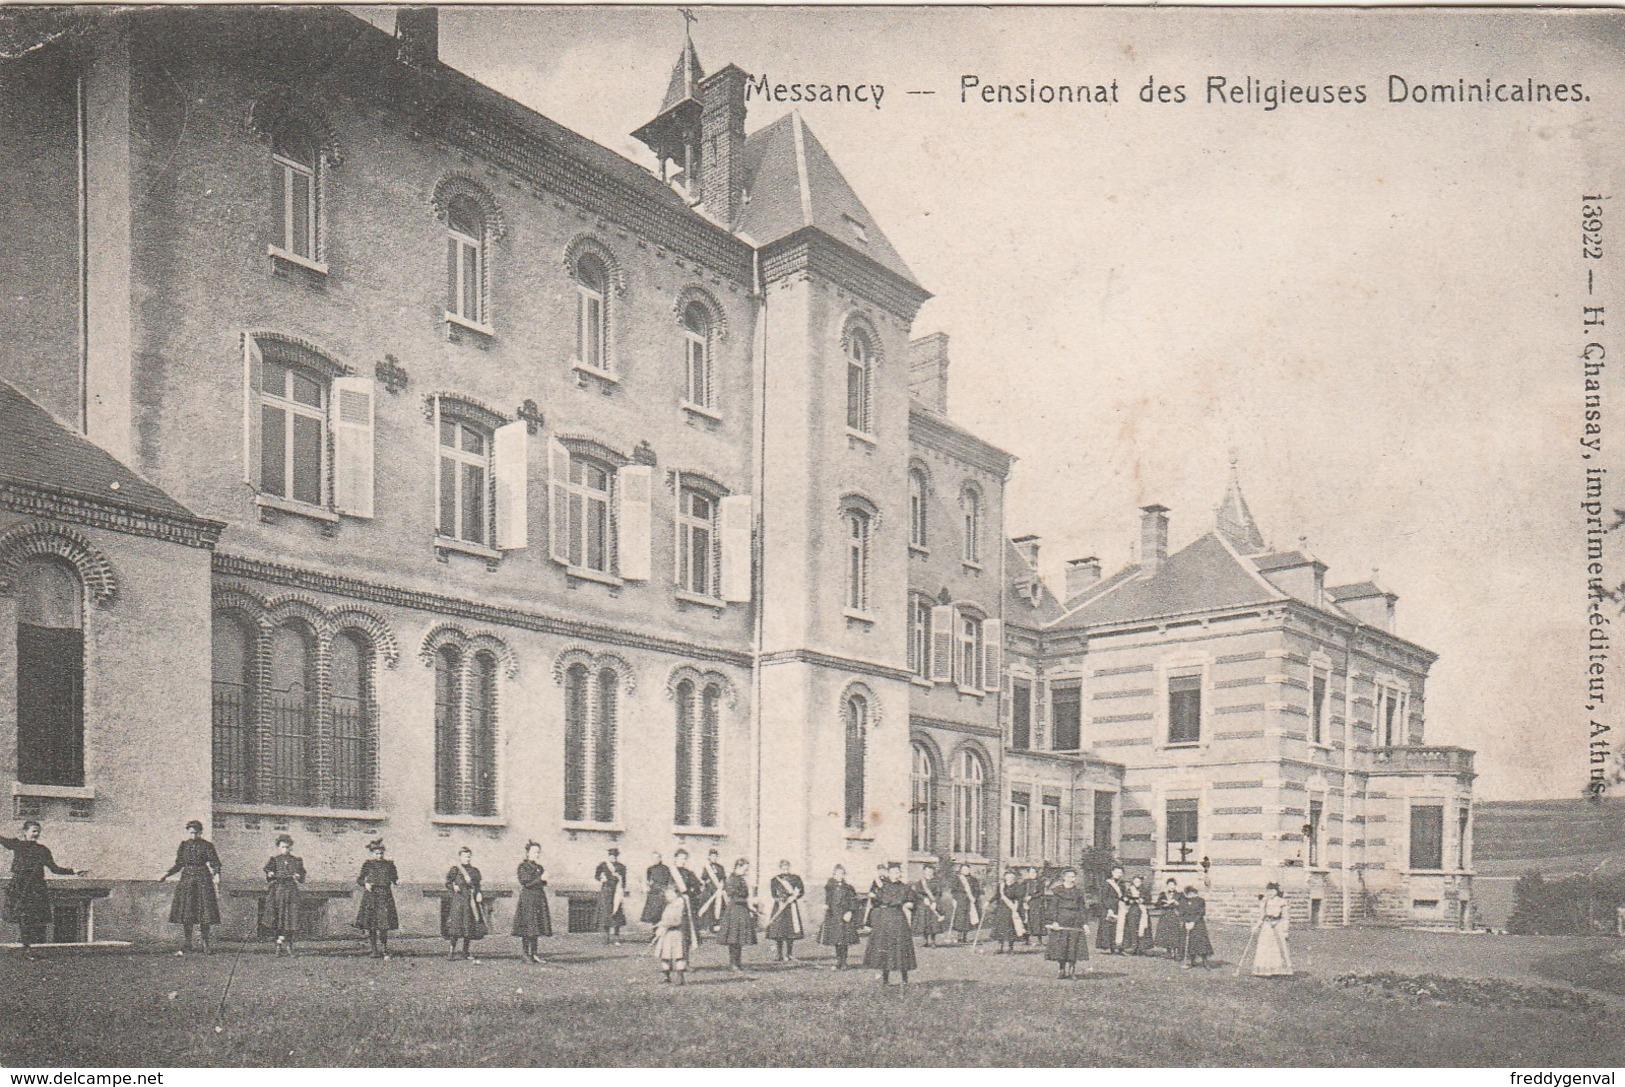 MESSANCY PENSIONNAT DES RELIGIEUSES DOMINICAINES - Messancy